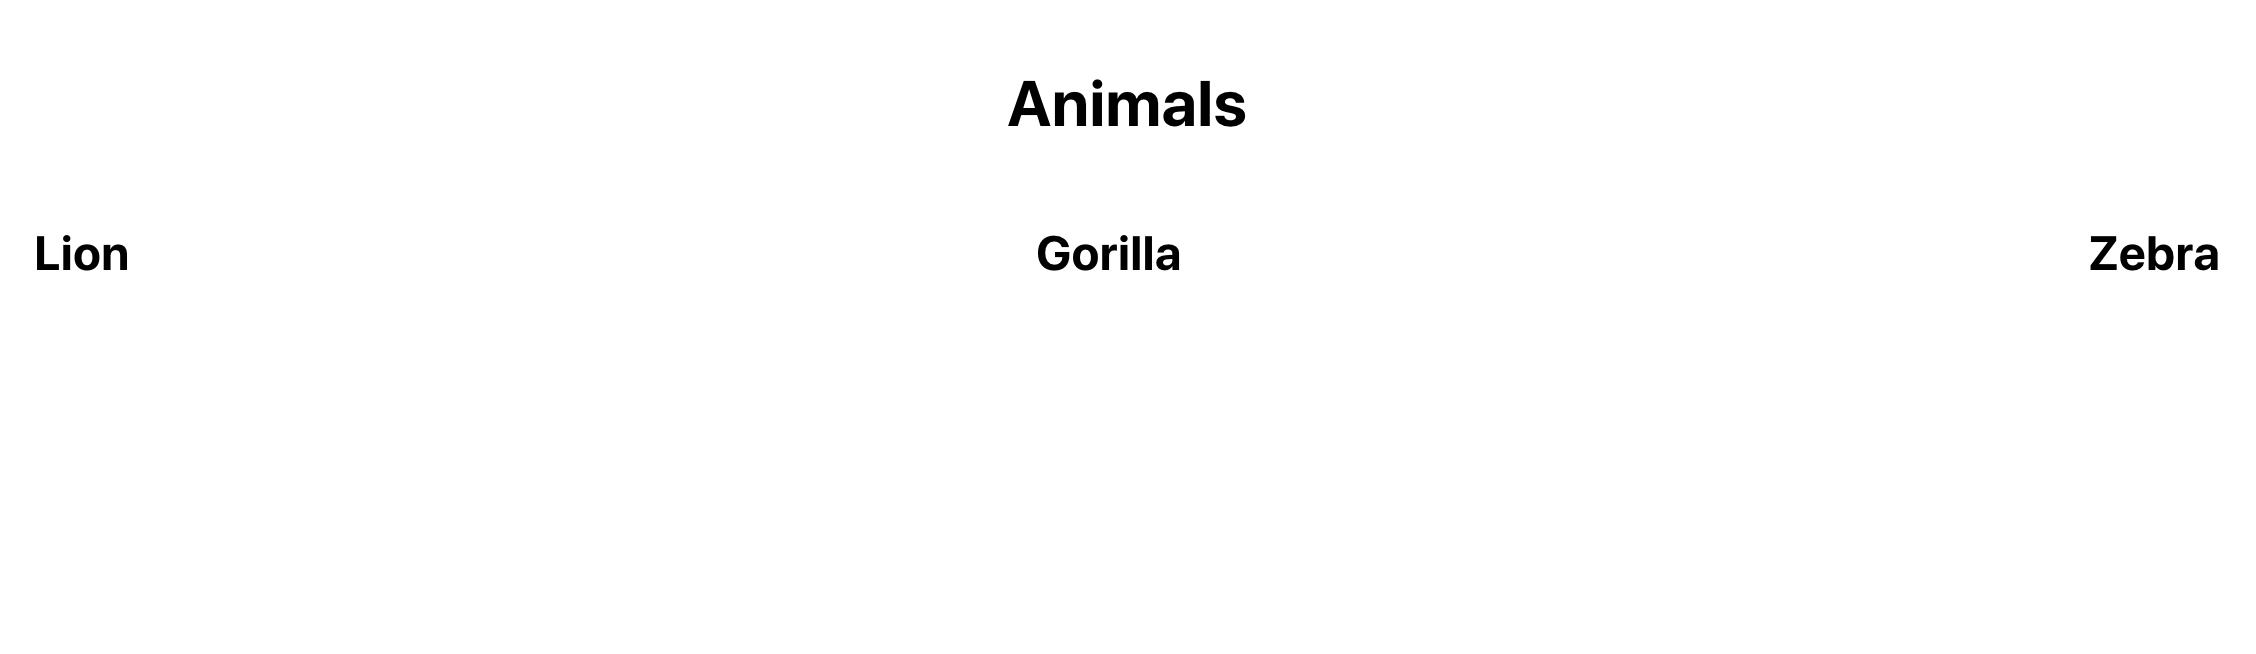 Проекты React с указанием имен животных